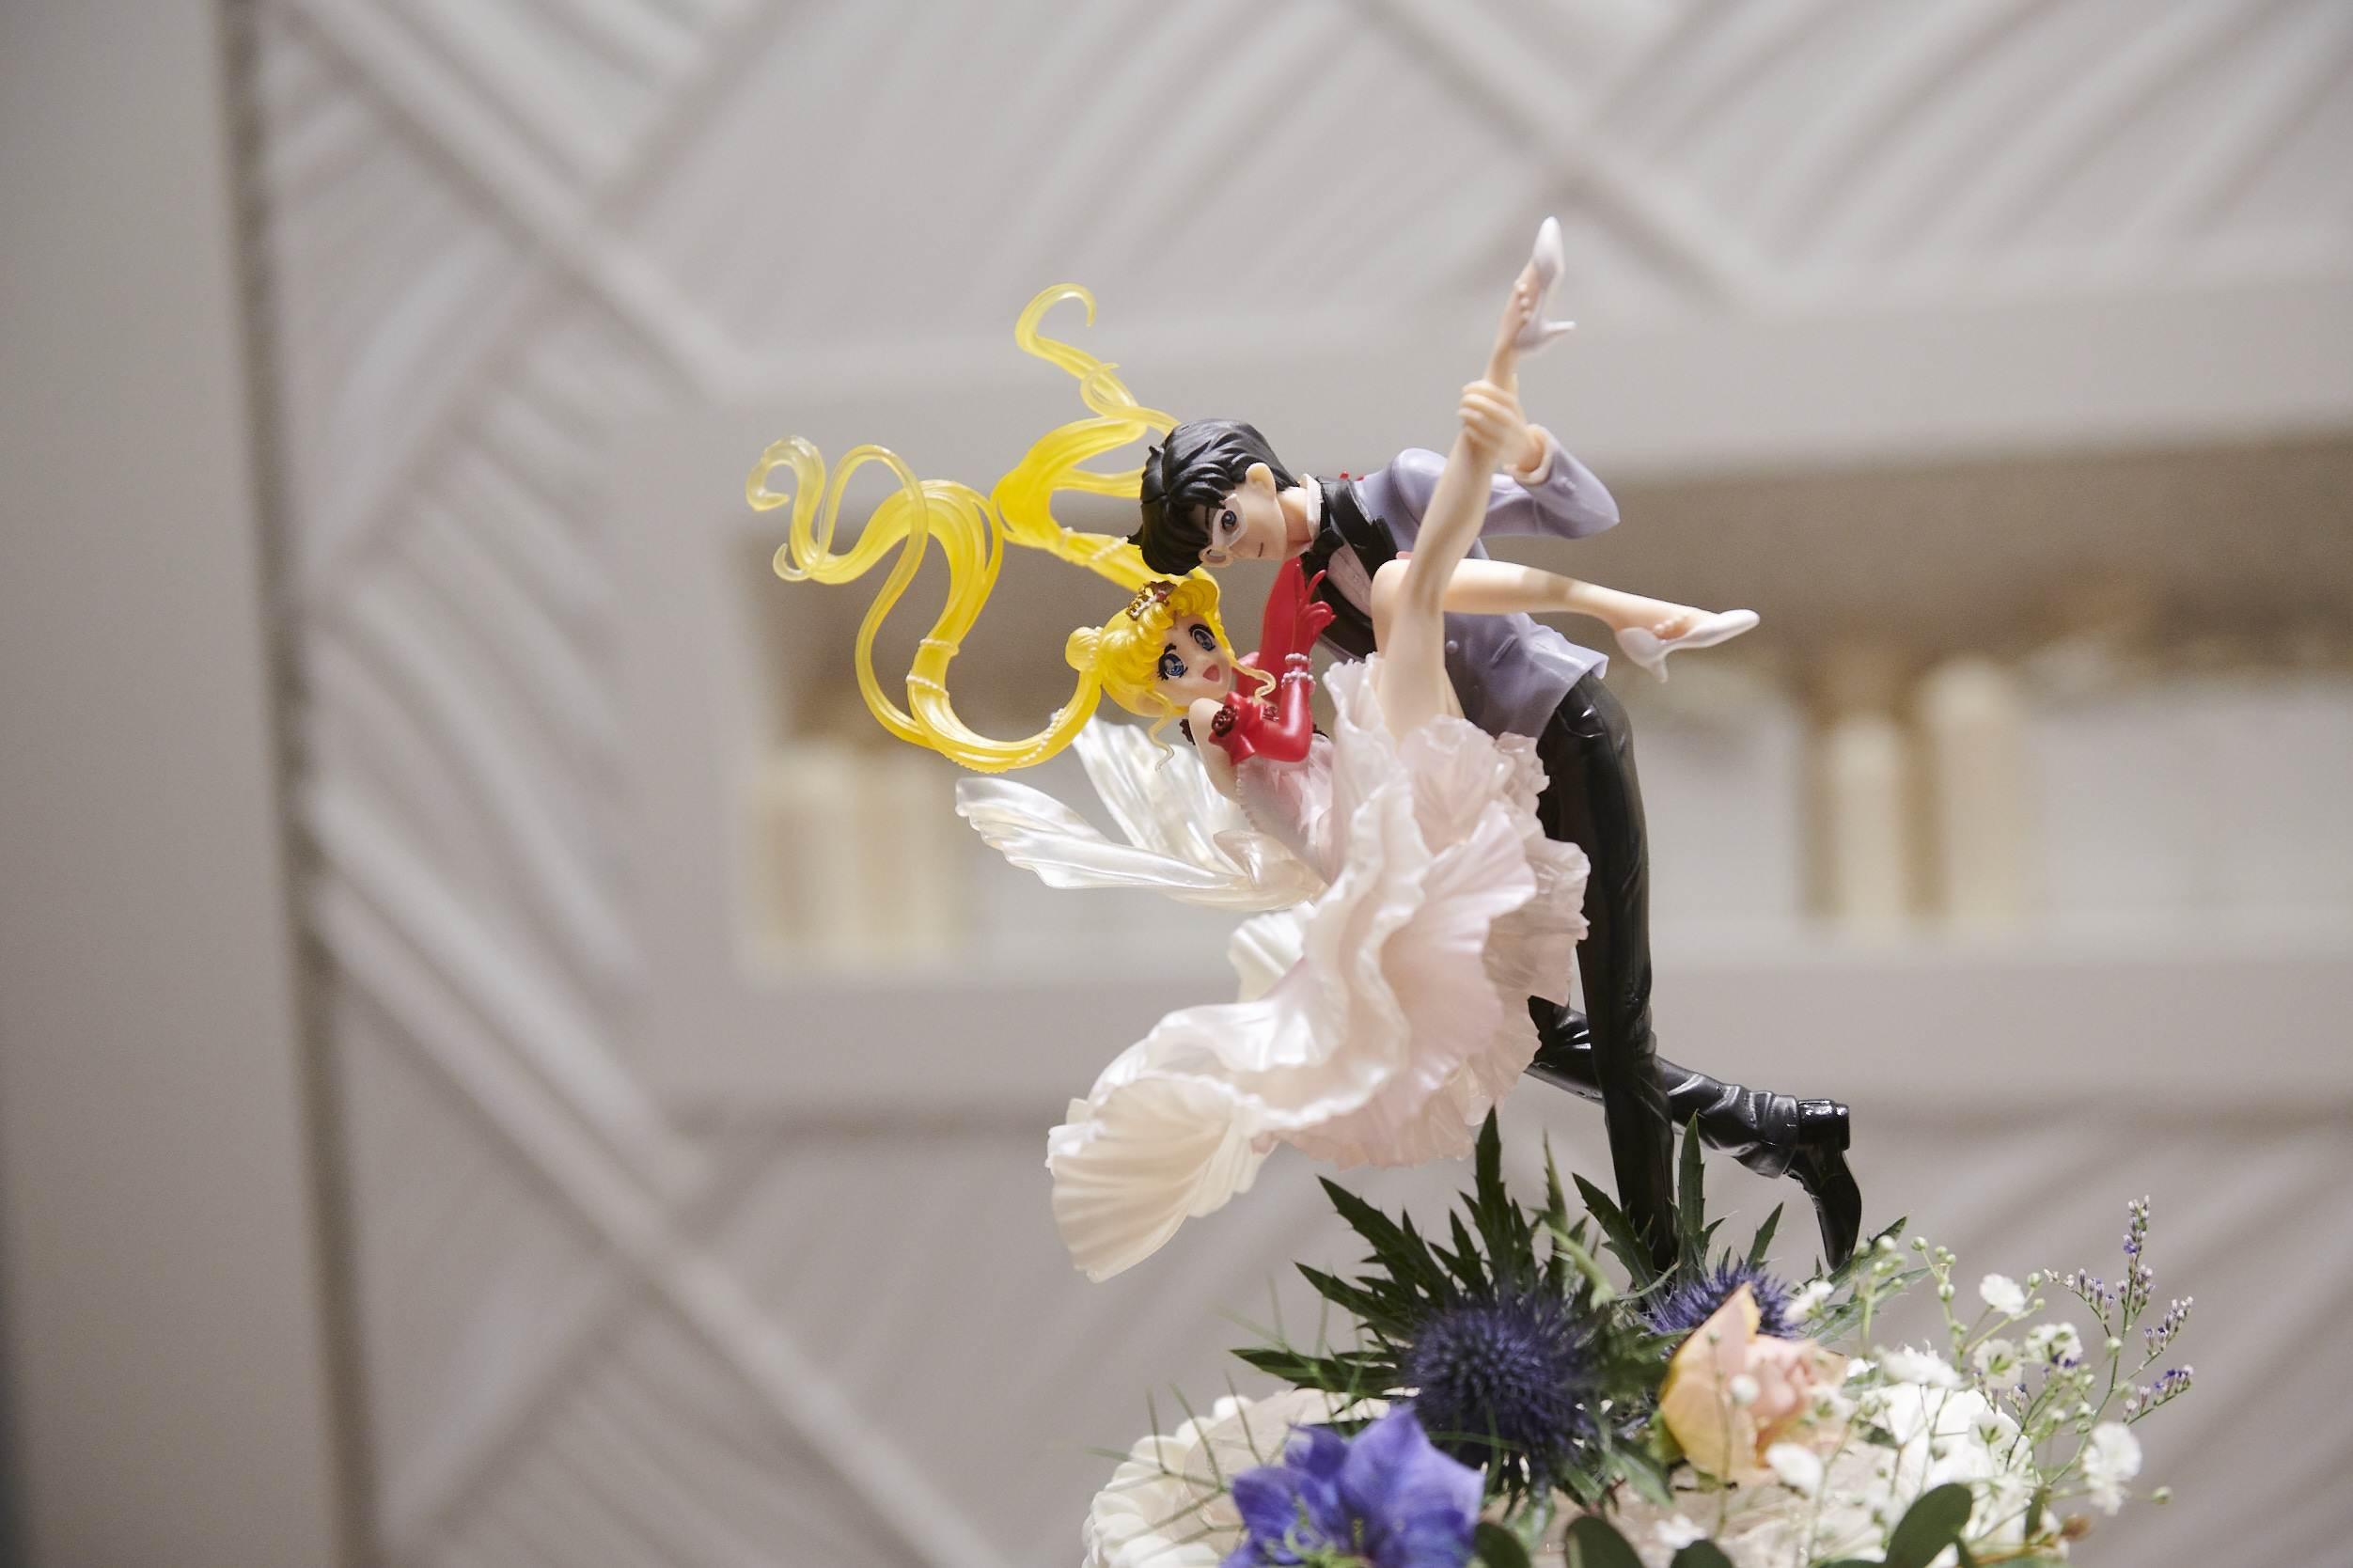 徳島市の結婚式場ブランアンジュでウエディングケーキに飾られたケーキトッパー